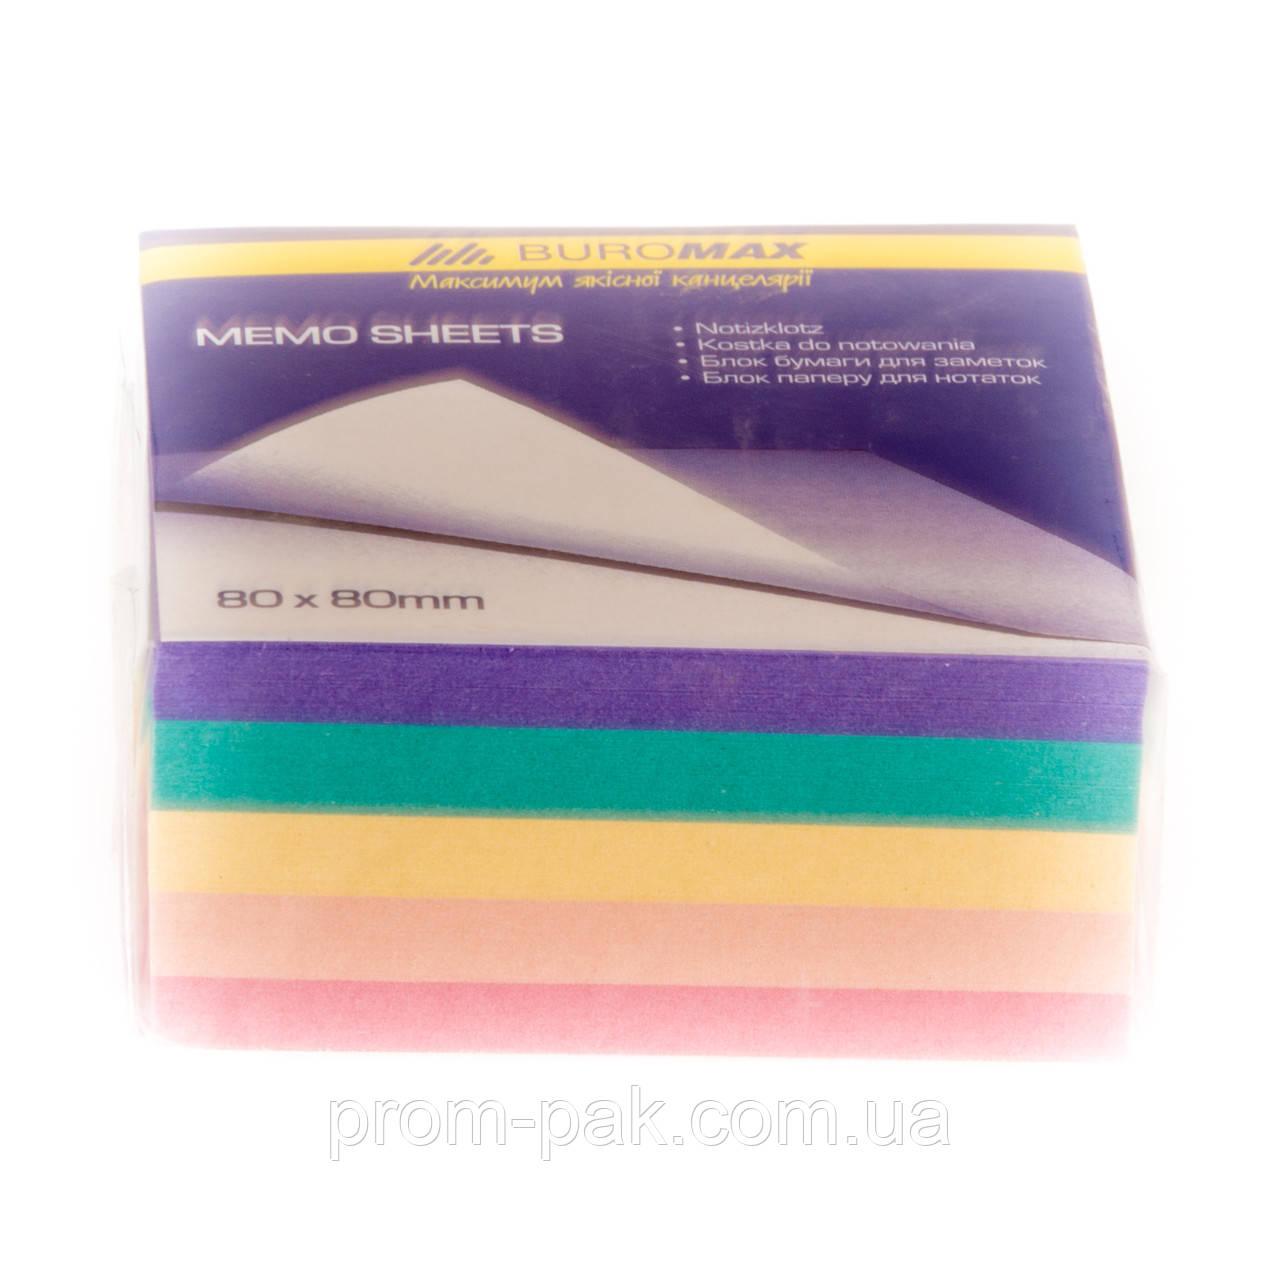 Листочки из цветной бумаги для записей Декор 80х80х300 не склеен